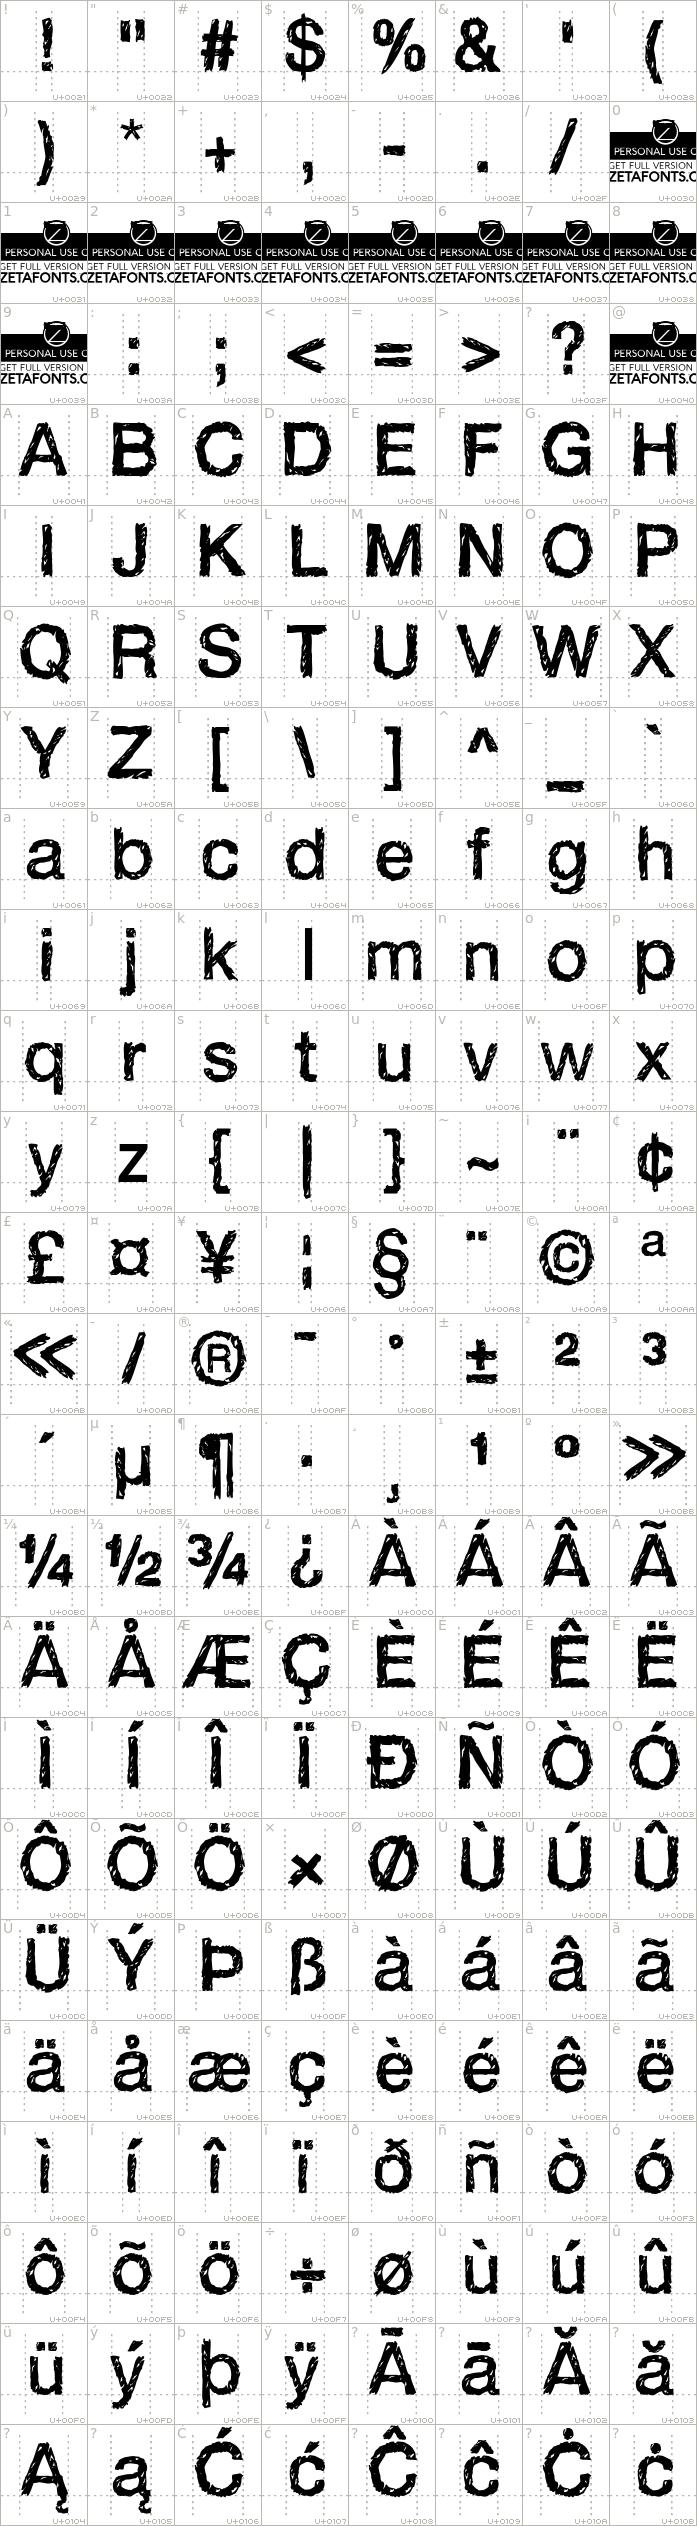 handvetica-neue.regular.character-map-1